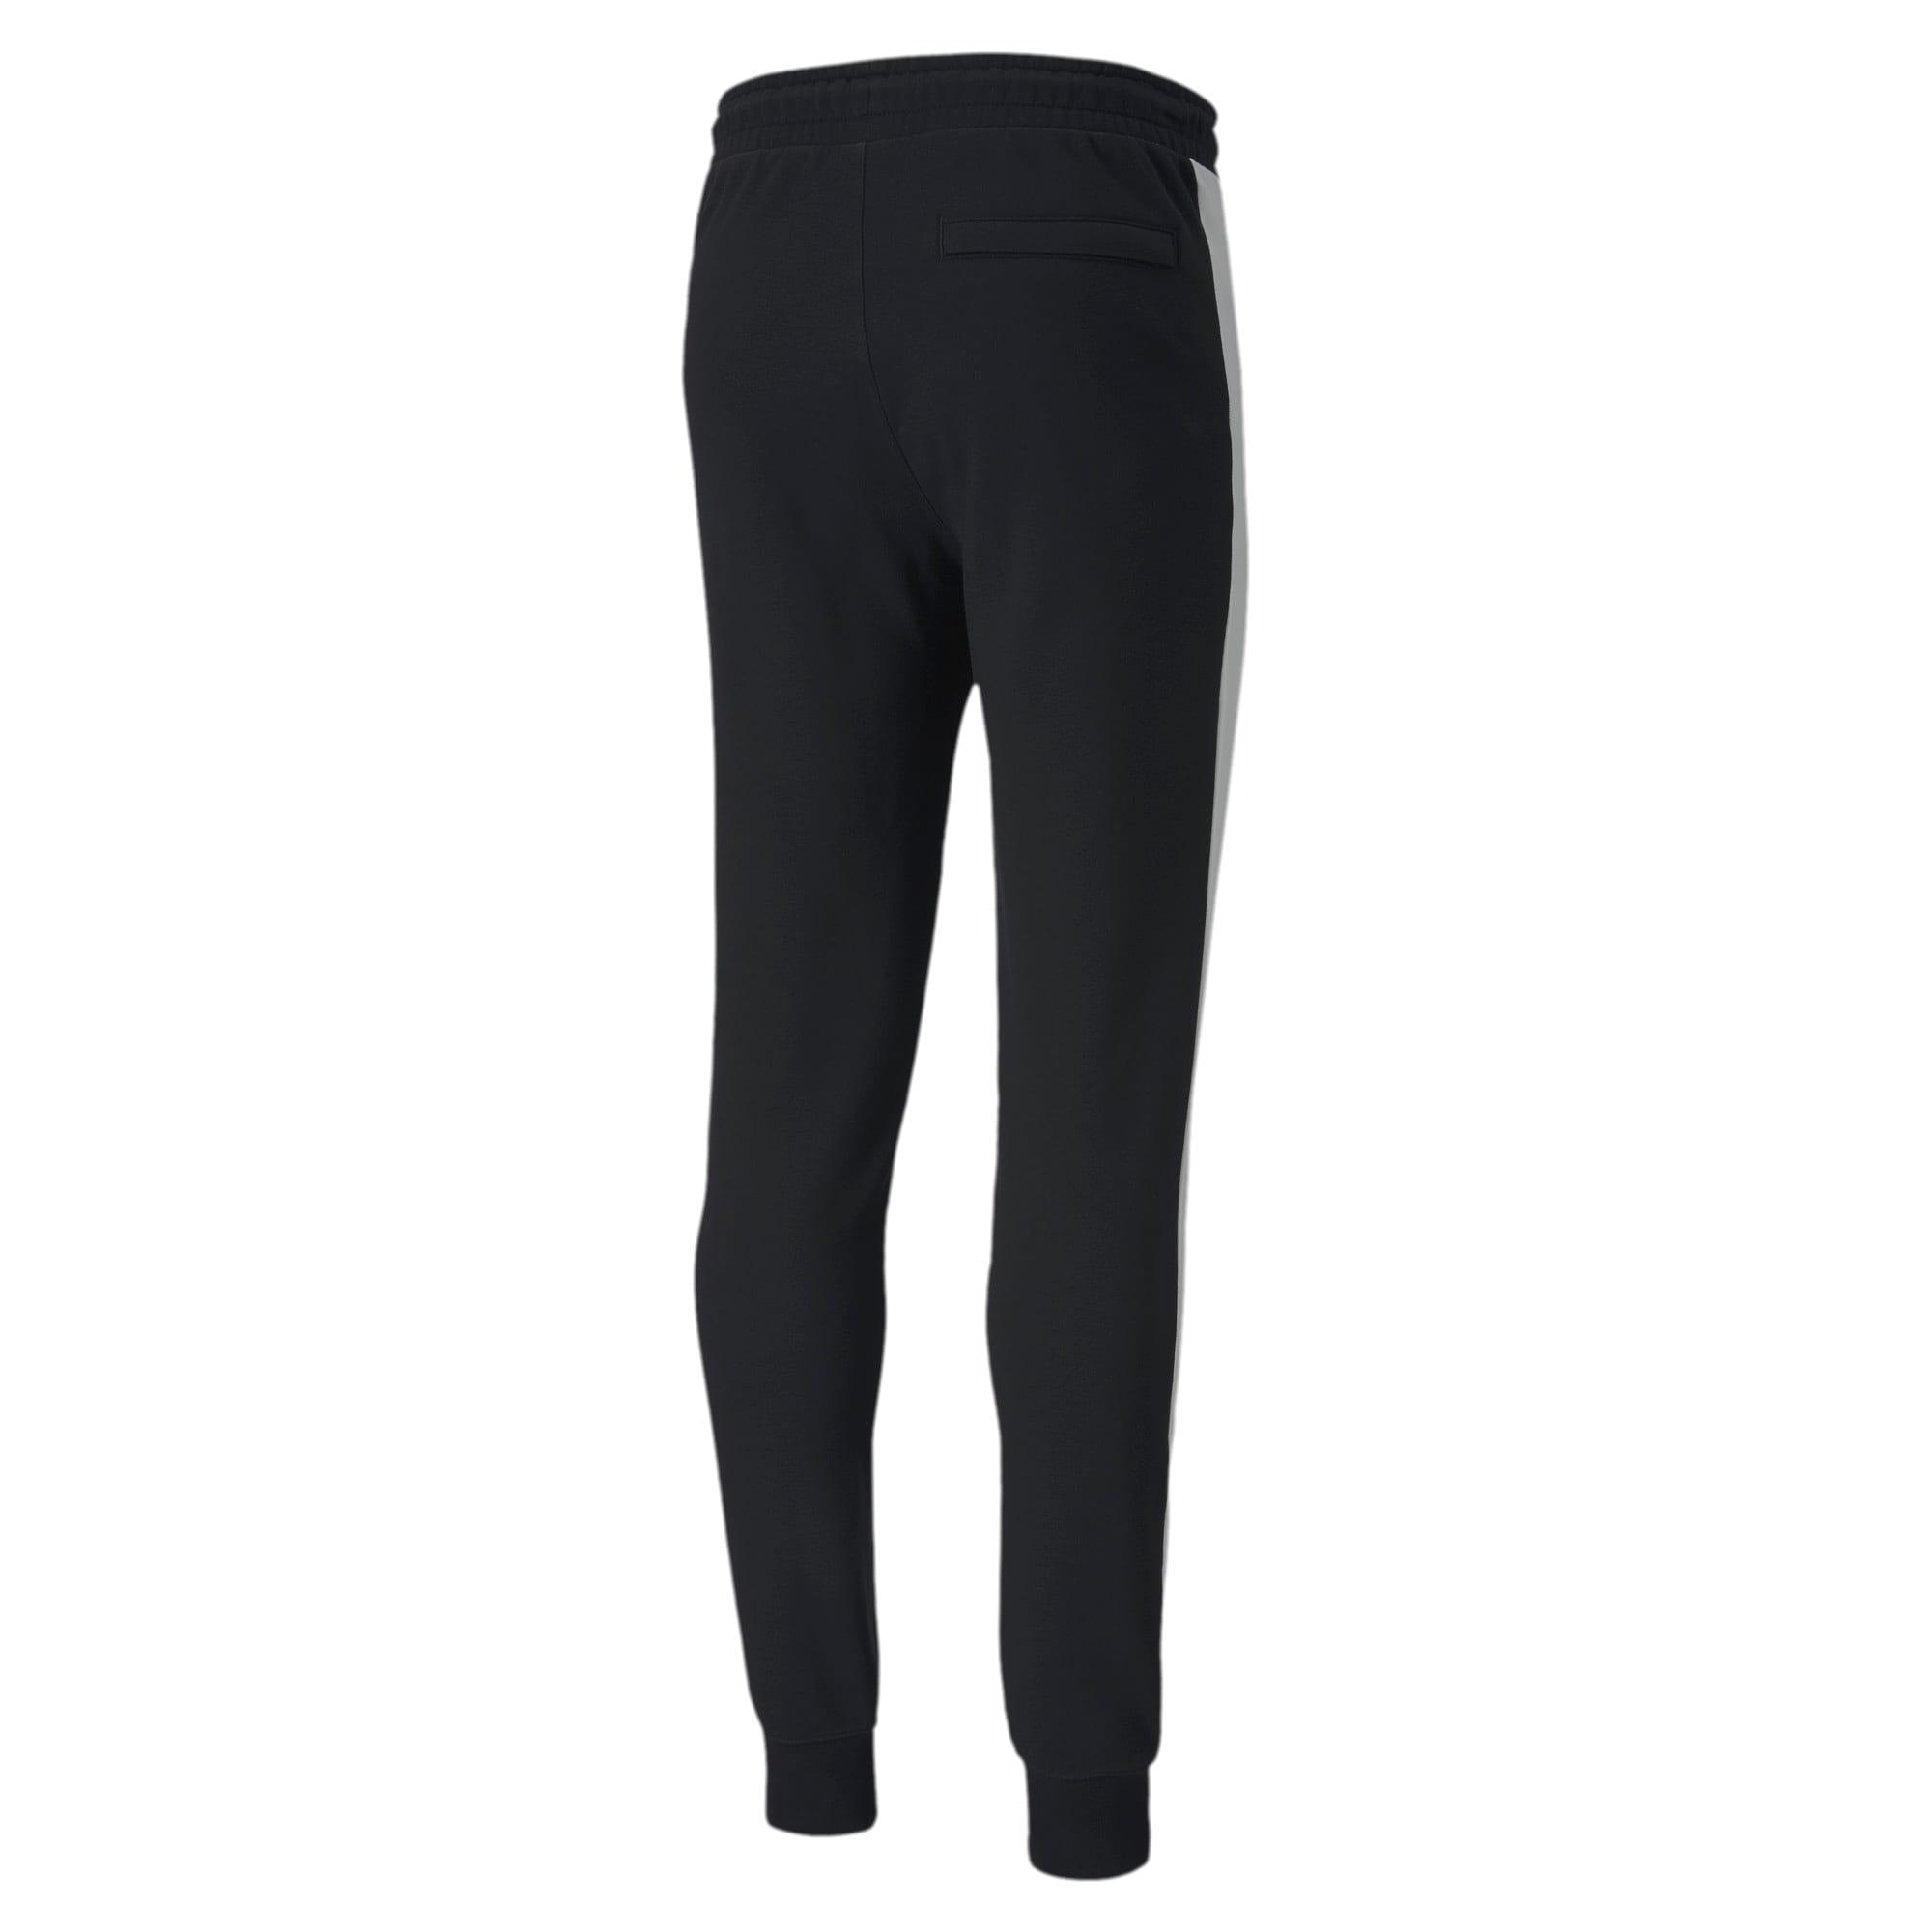 Thumbnail 5 of Iconic T7 Men's Track Pants, Puma Black, medium